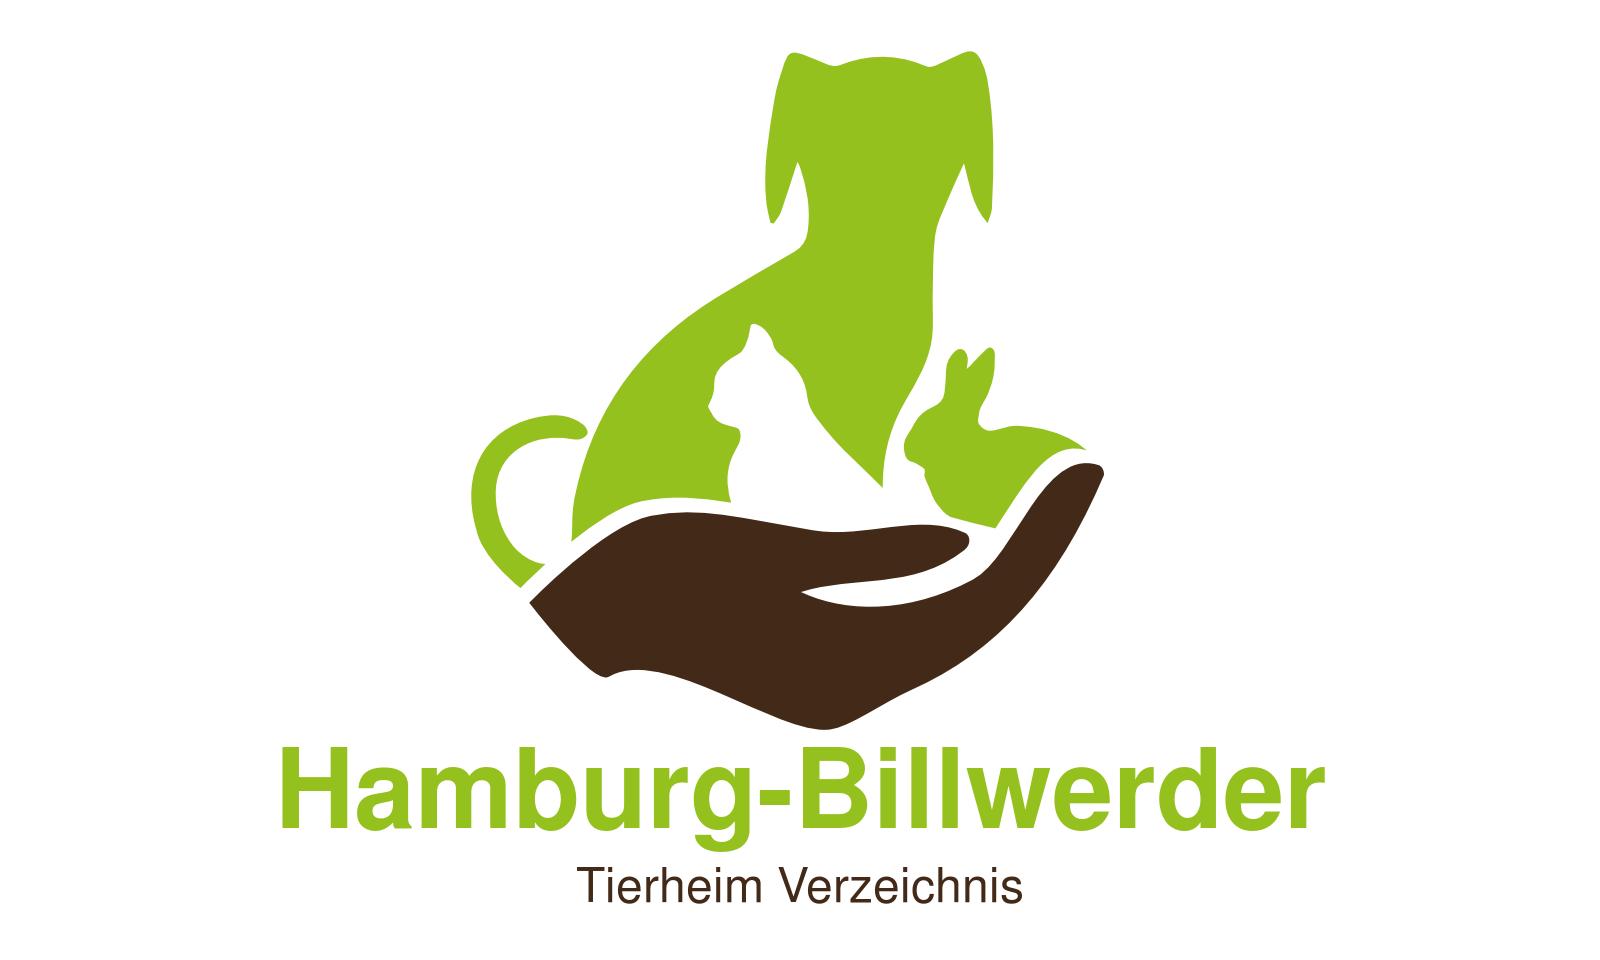 Tierheim Hamburg Billwerder